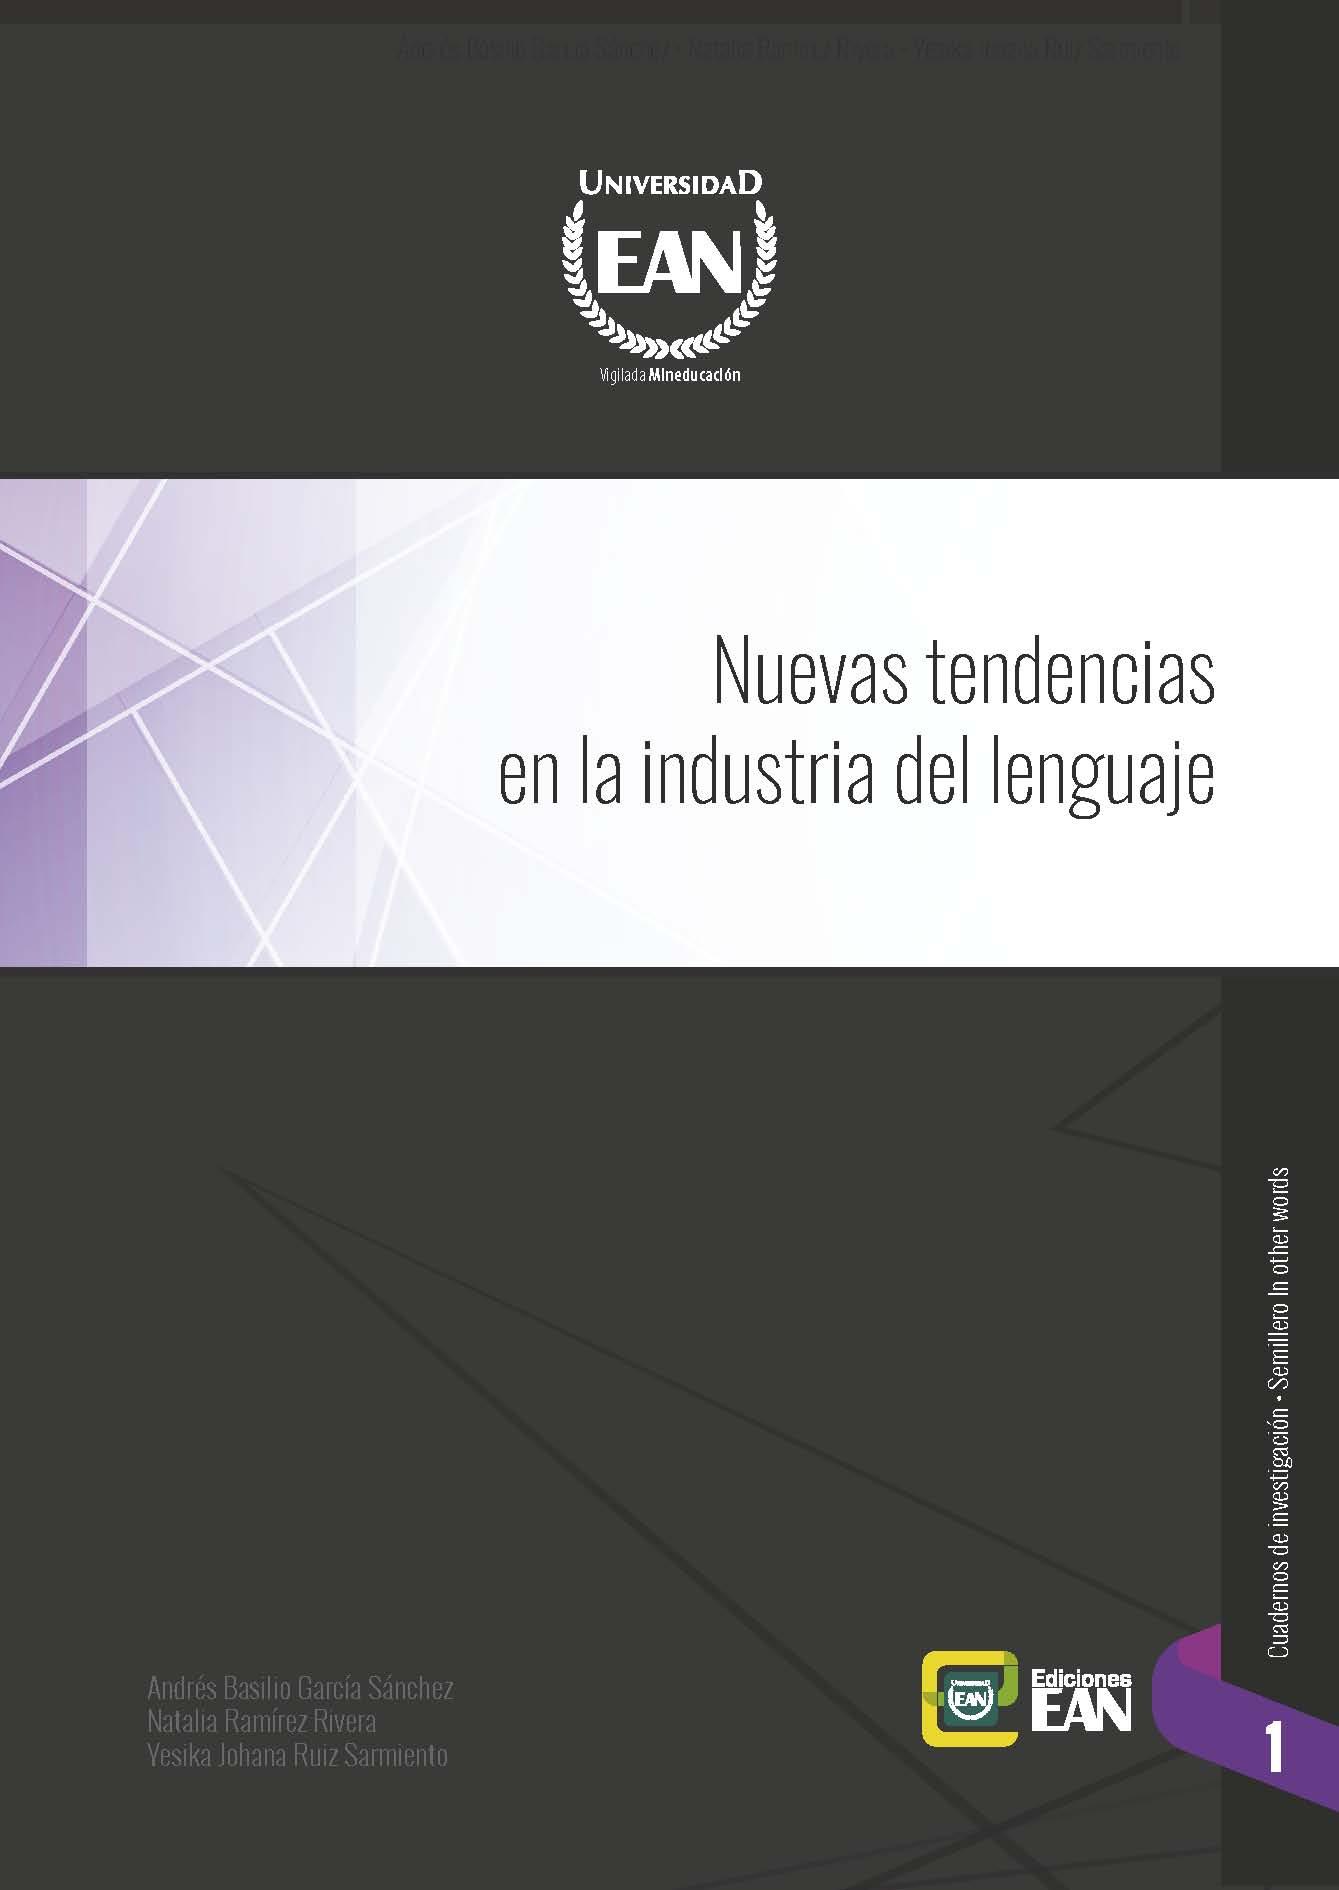 Nuevas tendencias en la industria del lenguaje